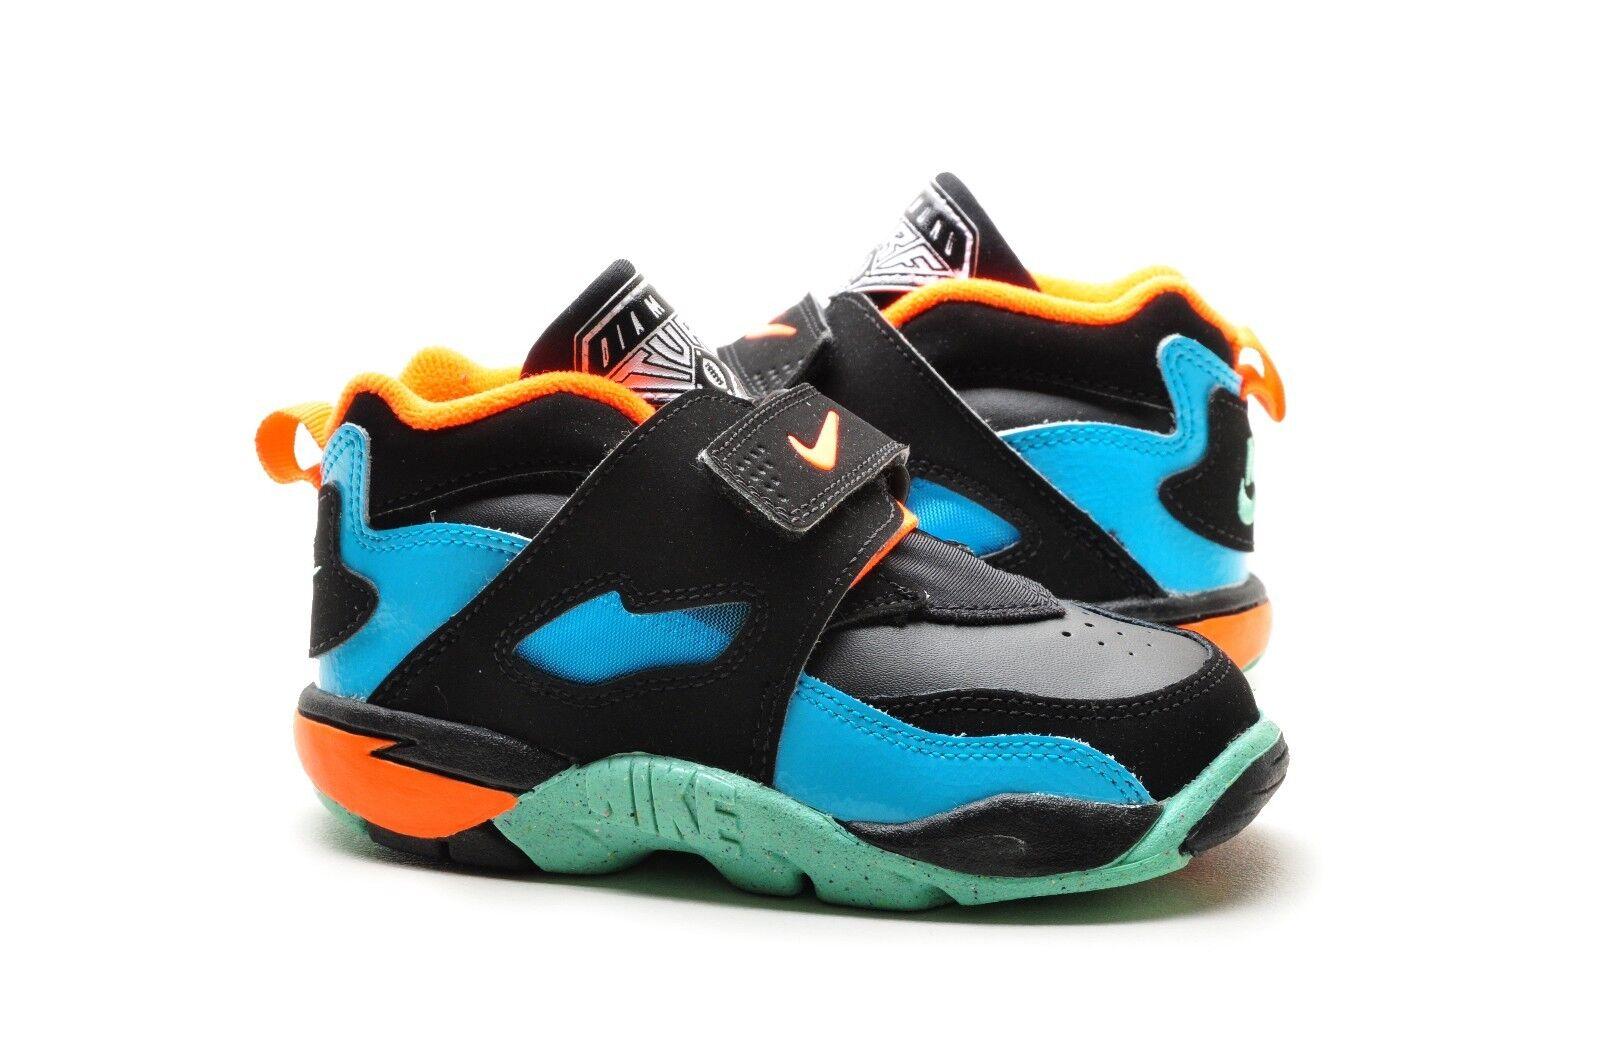 Nike Baby Kid shoes Diamond Turf 2 09 Toddler TD 407913-401 Gamma Blue Orange